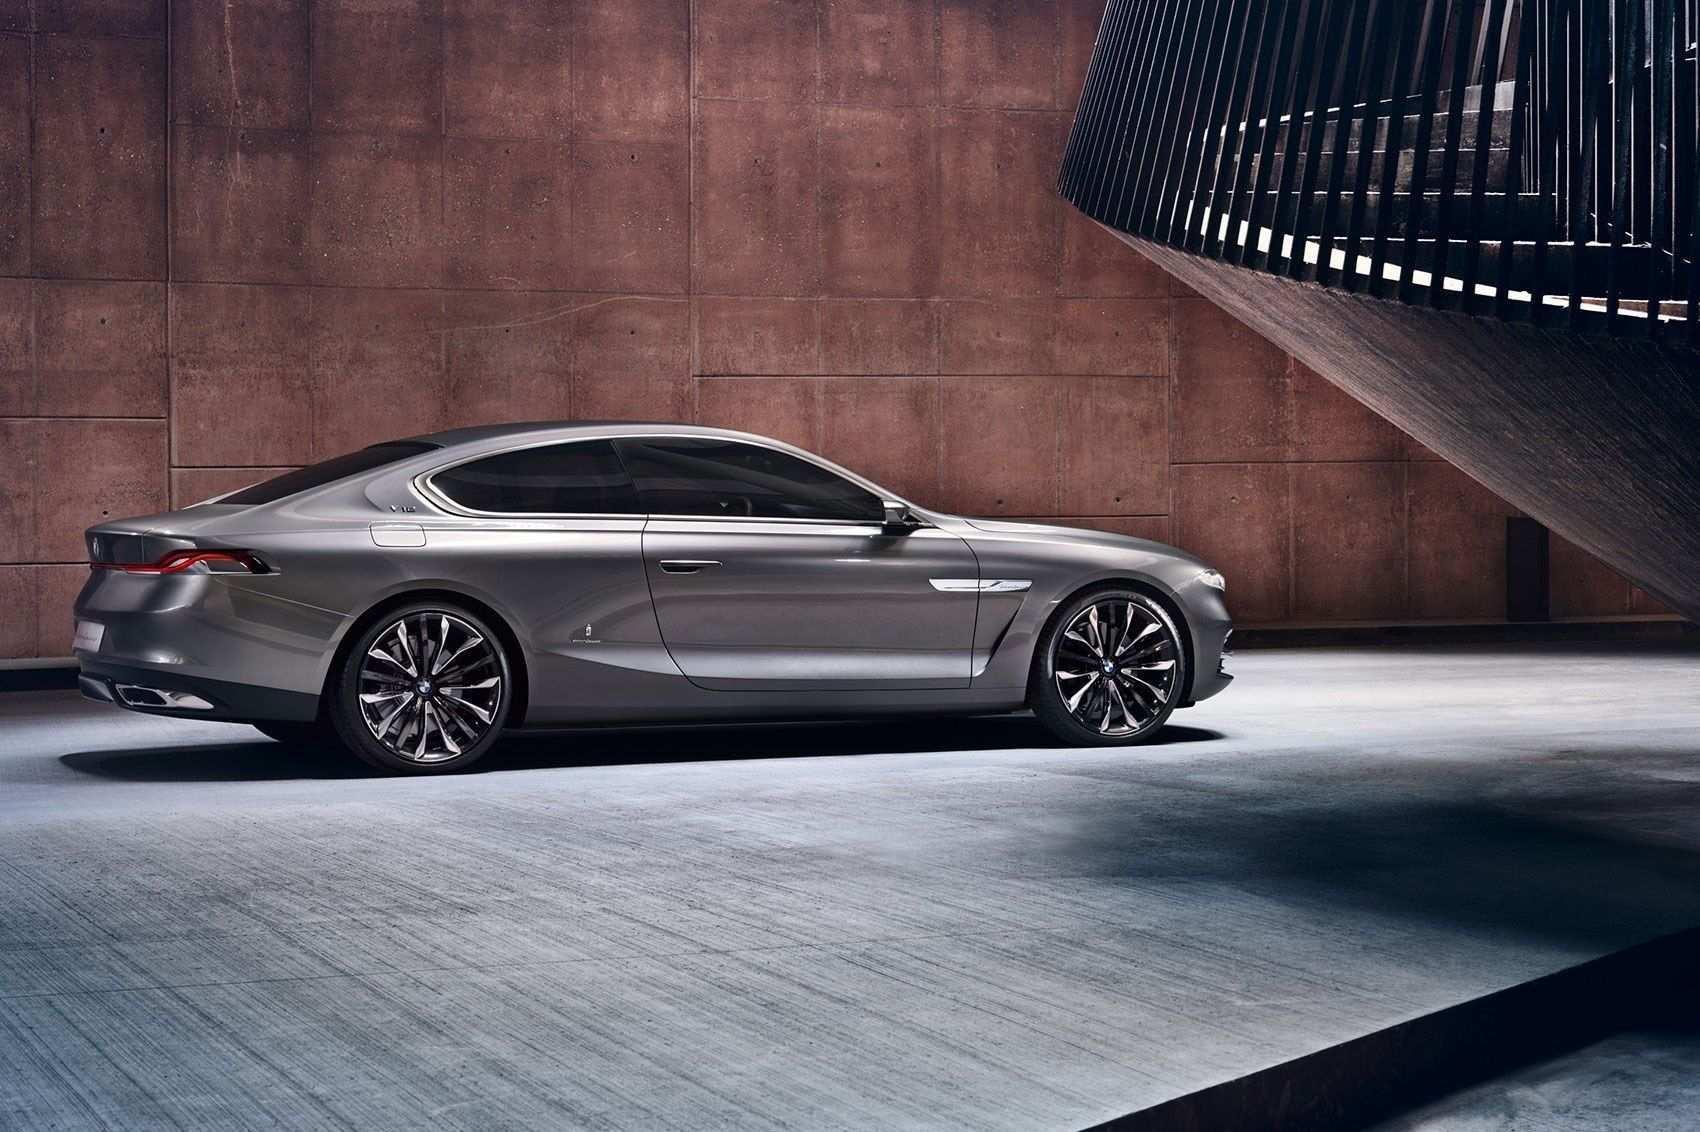 43 Best Review Xj Jaguar 2020 New Concept for Xj Jaguar 2020